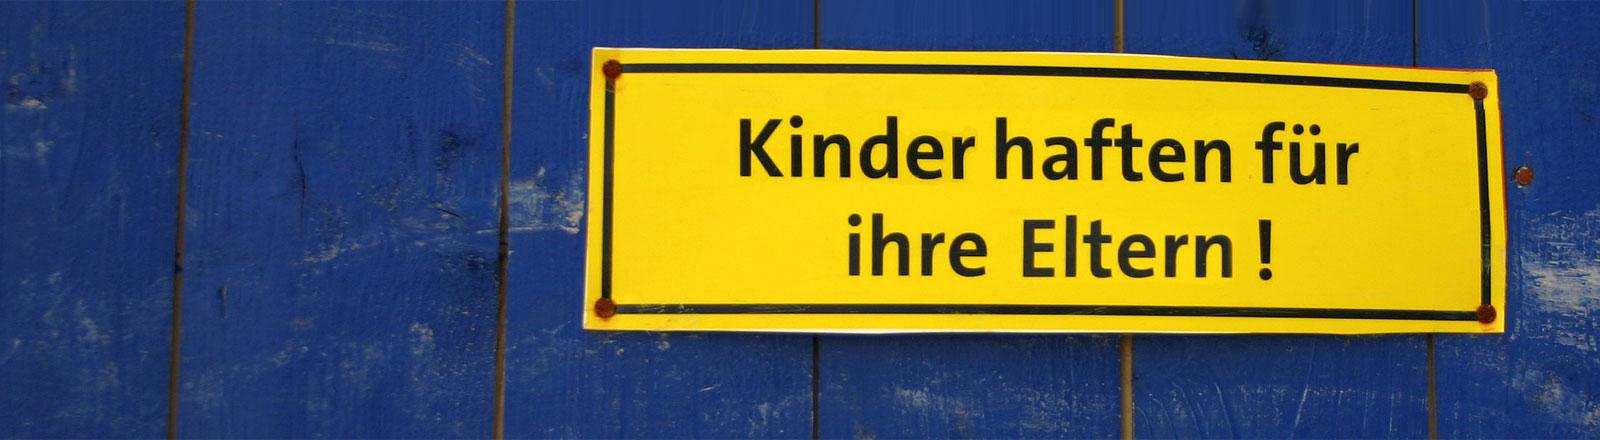 Ein Schild mit der Aufschrift: Kinder haften für ihre Eltern.